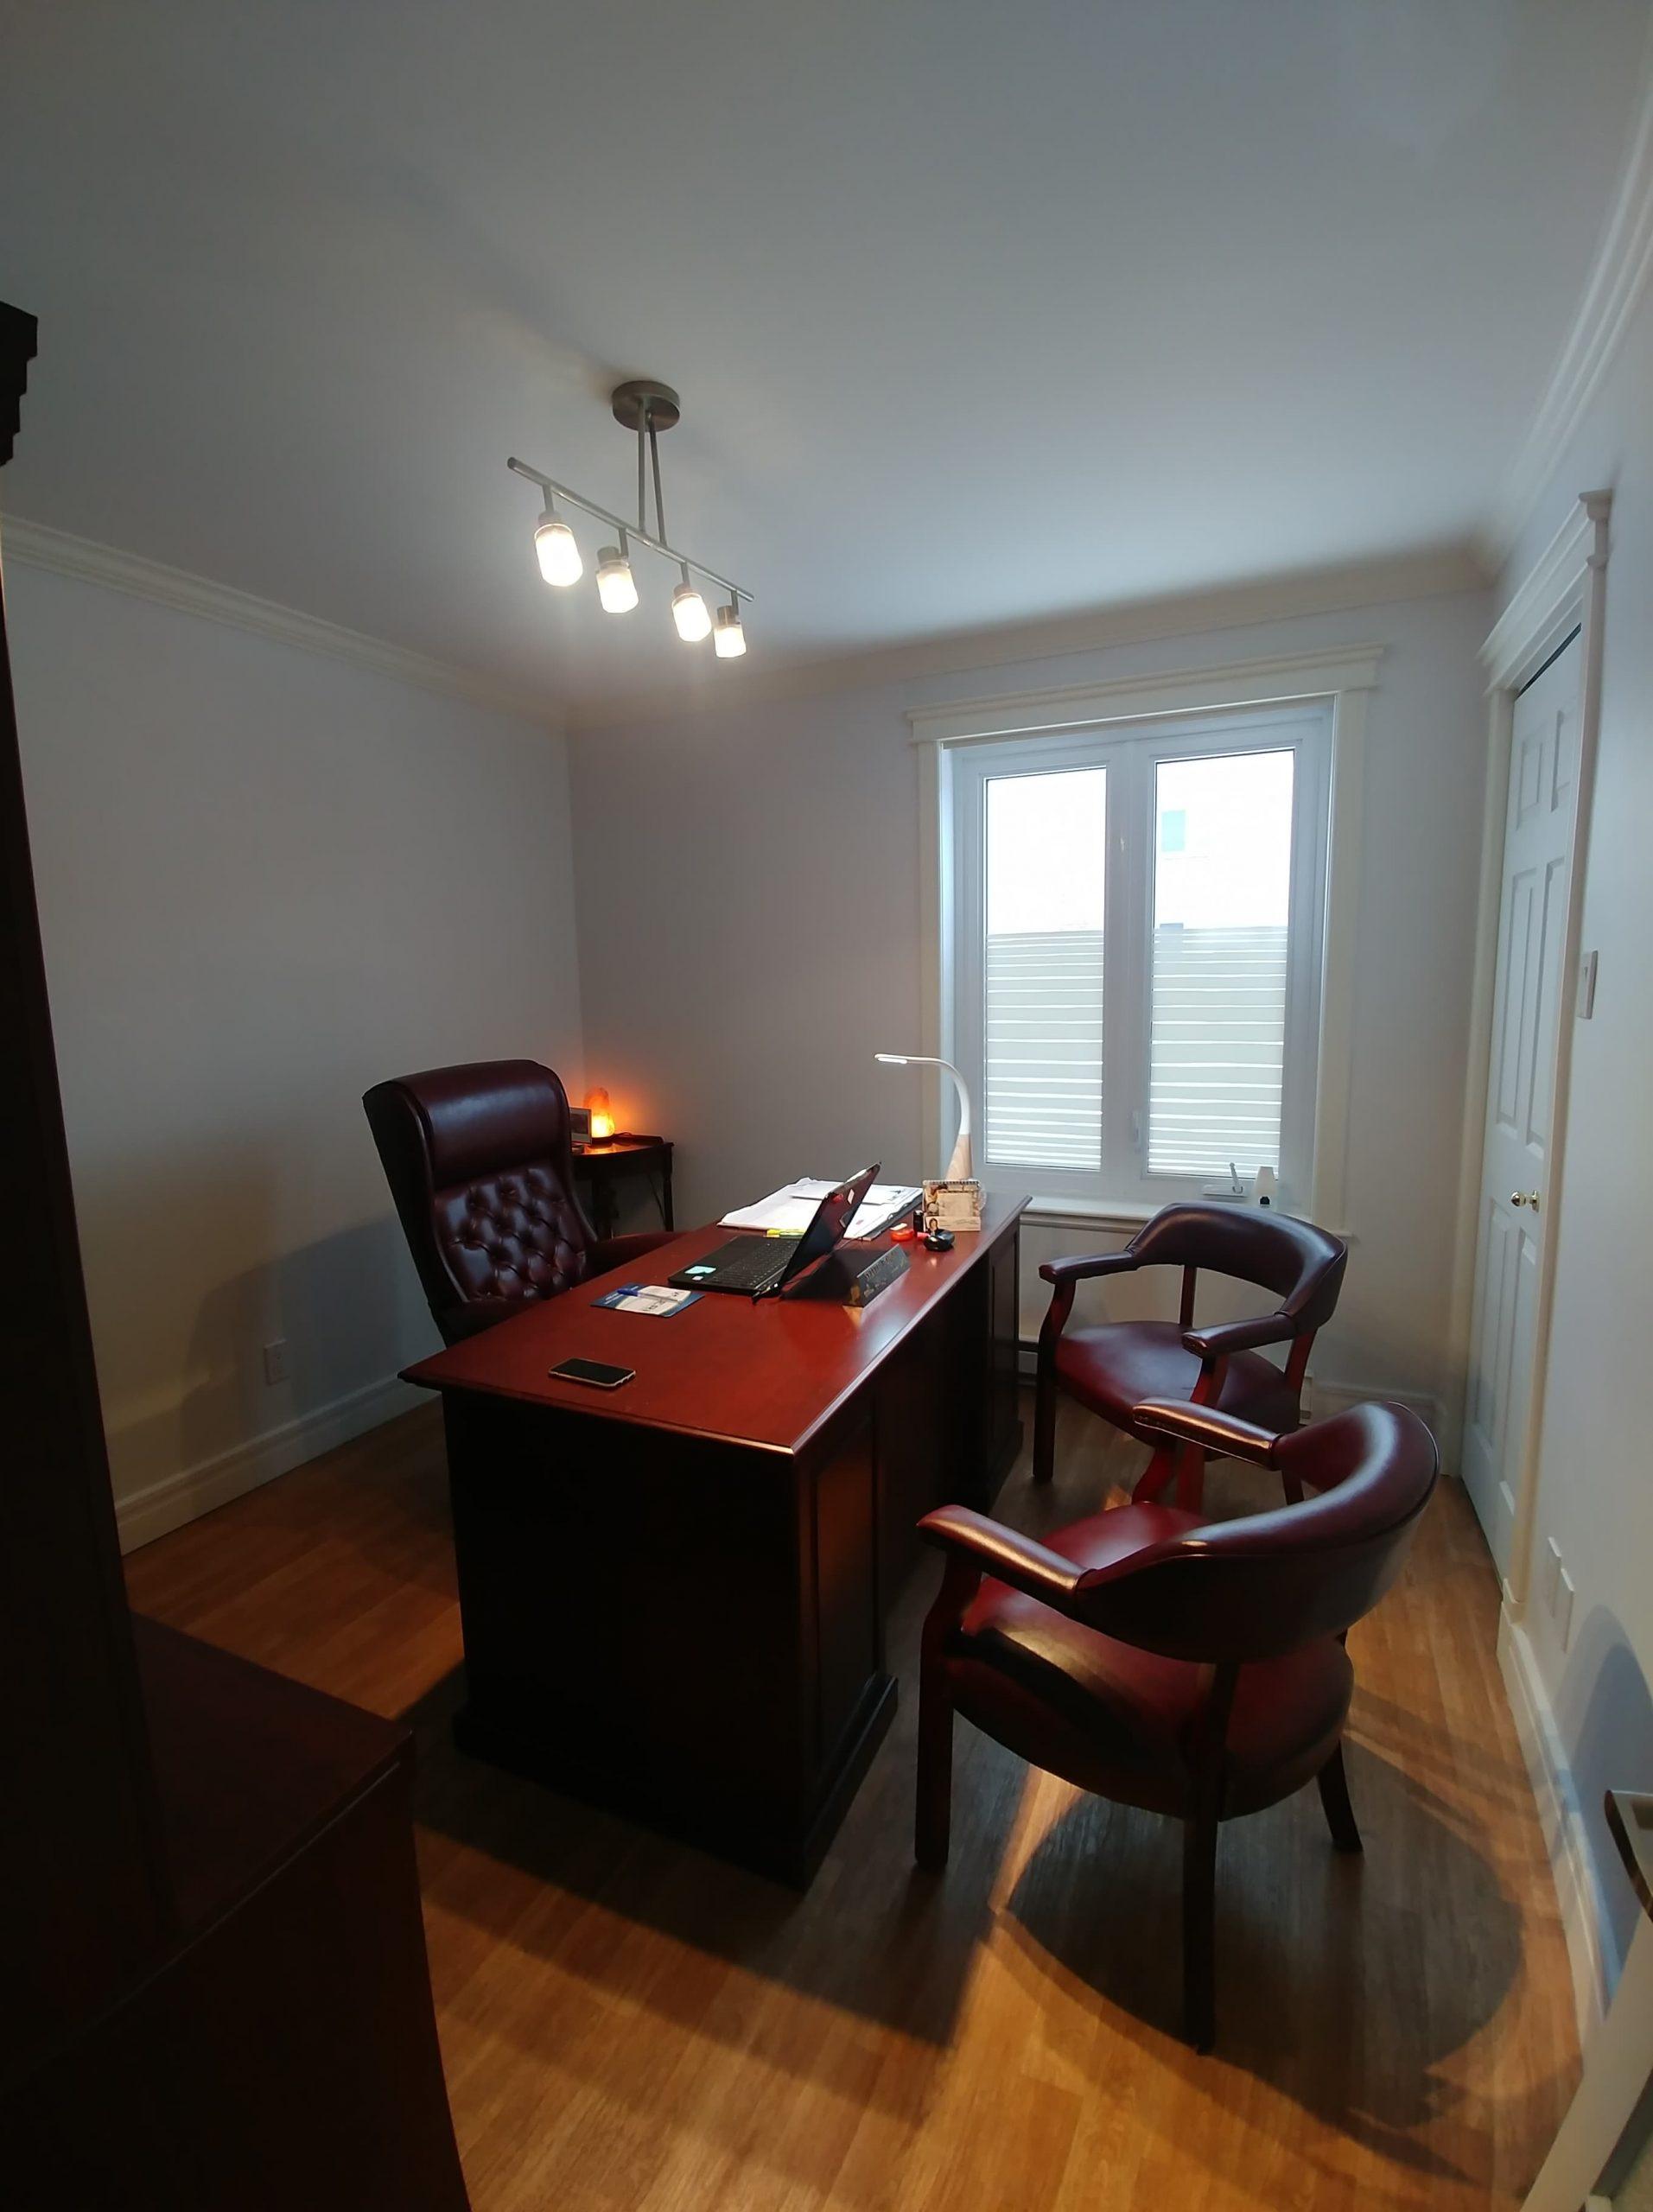 Photo 2 : Espace de bureau pour professionnel, Tout inclus. Secteur L'Ancienne-Lorette